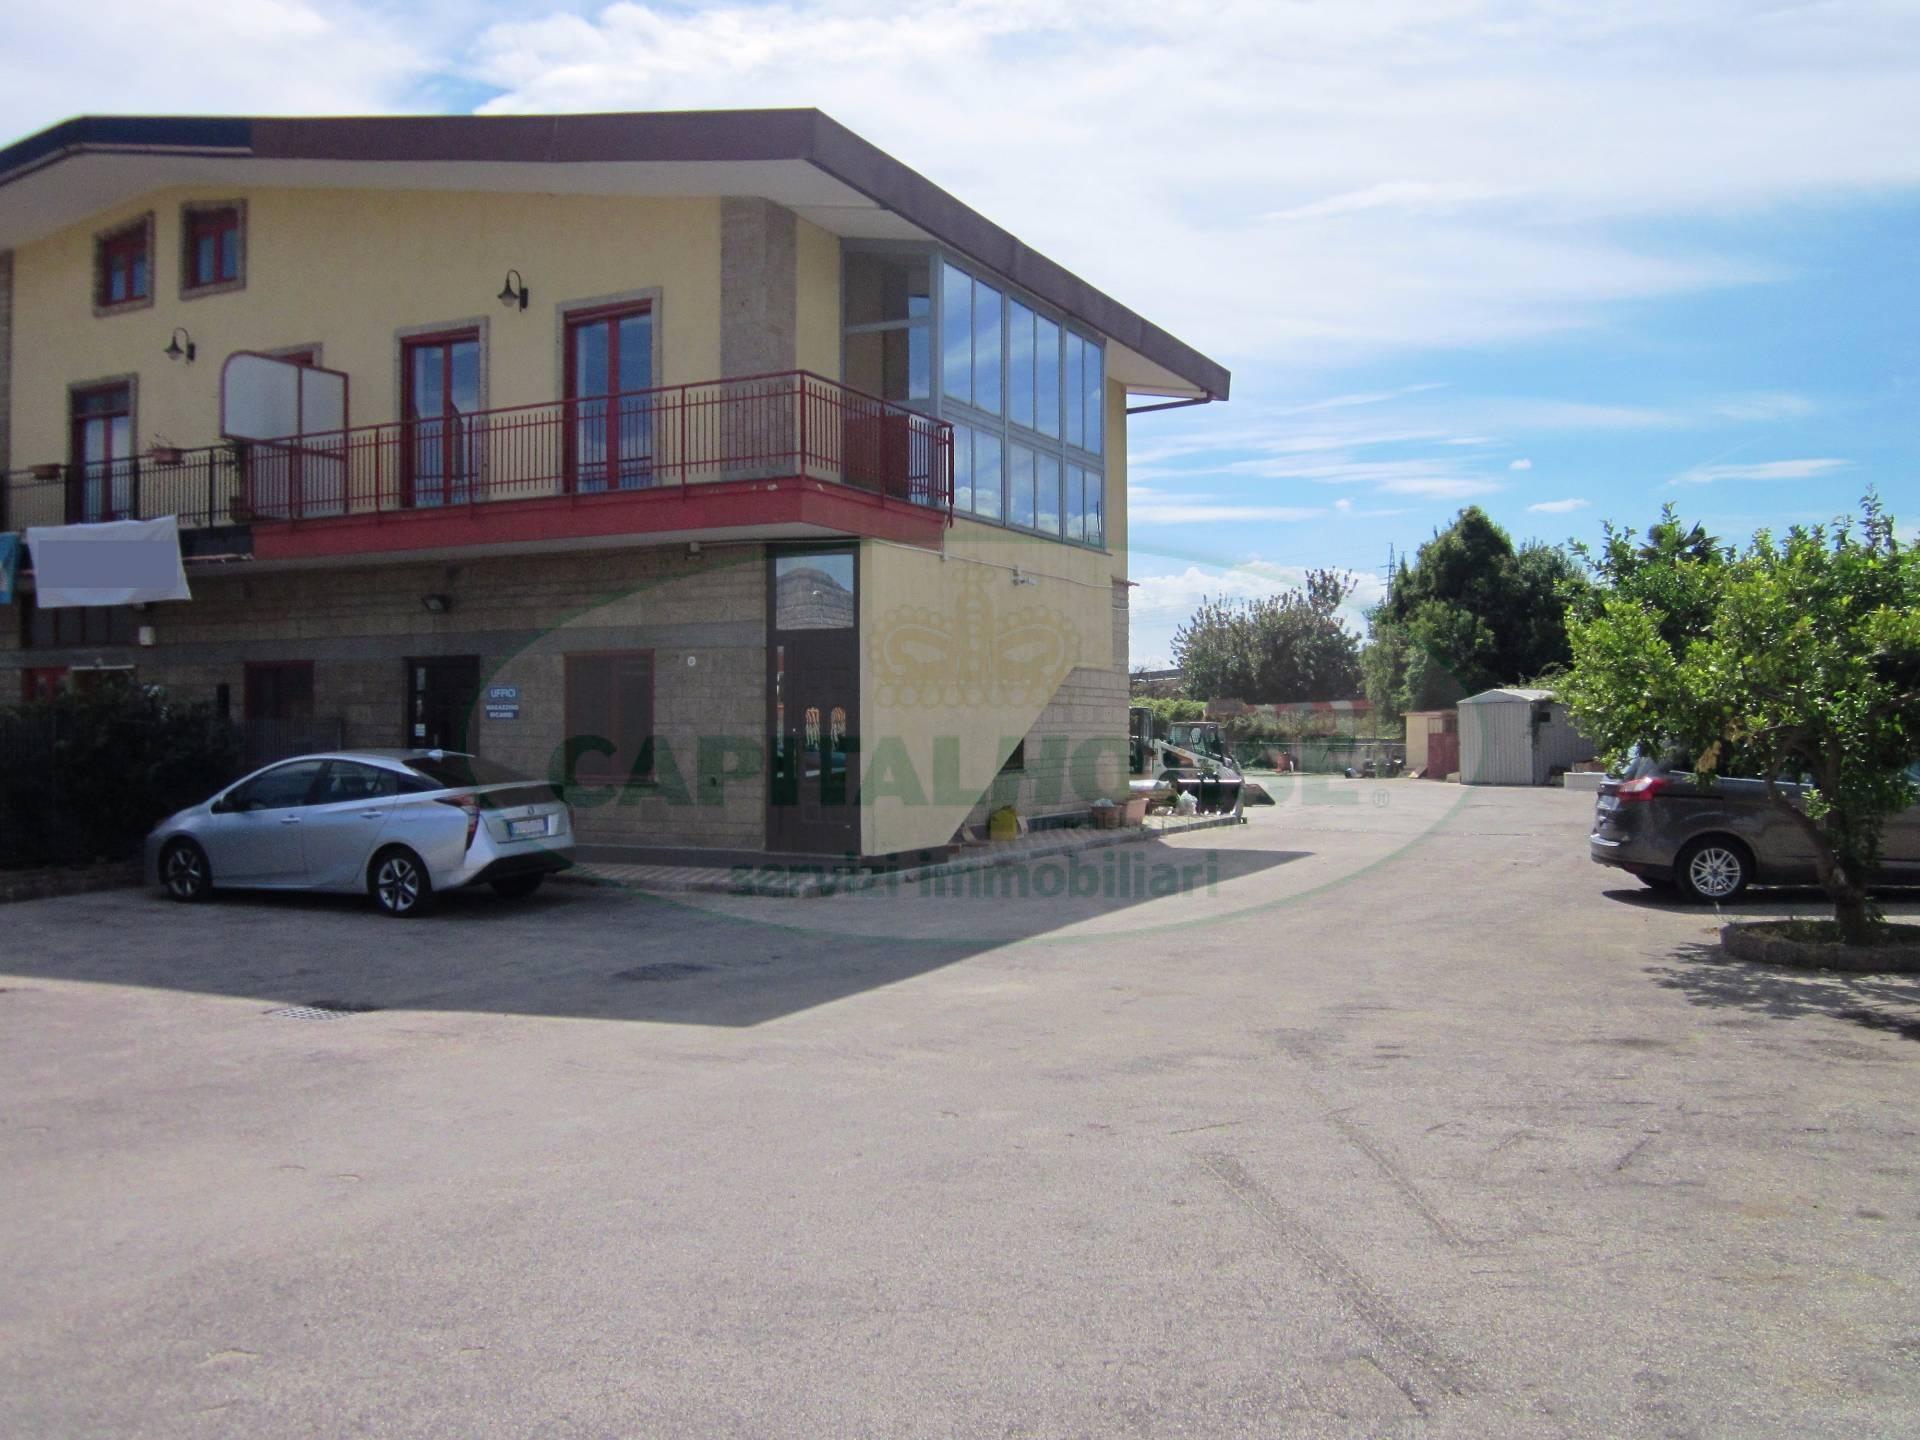 Negozio / Locale in vendita a Maddaloni, 9999 locali, prezzo € 520.000 | CambioCasa.it